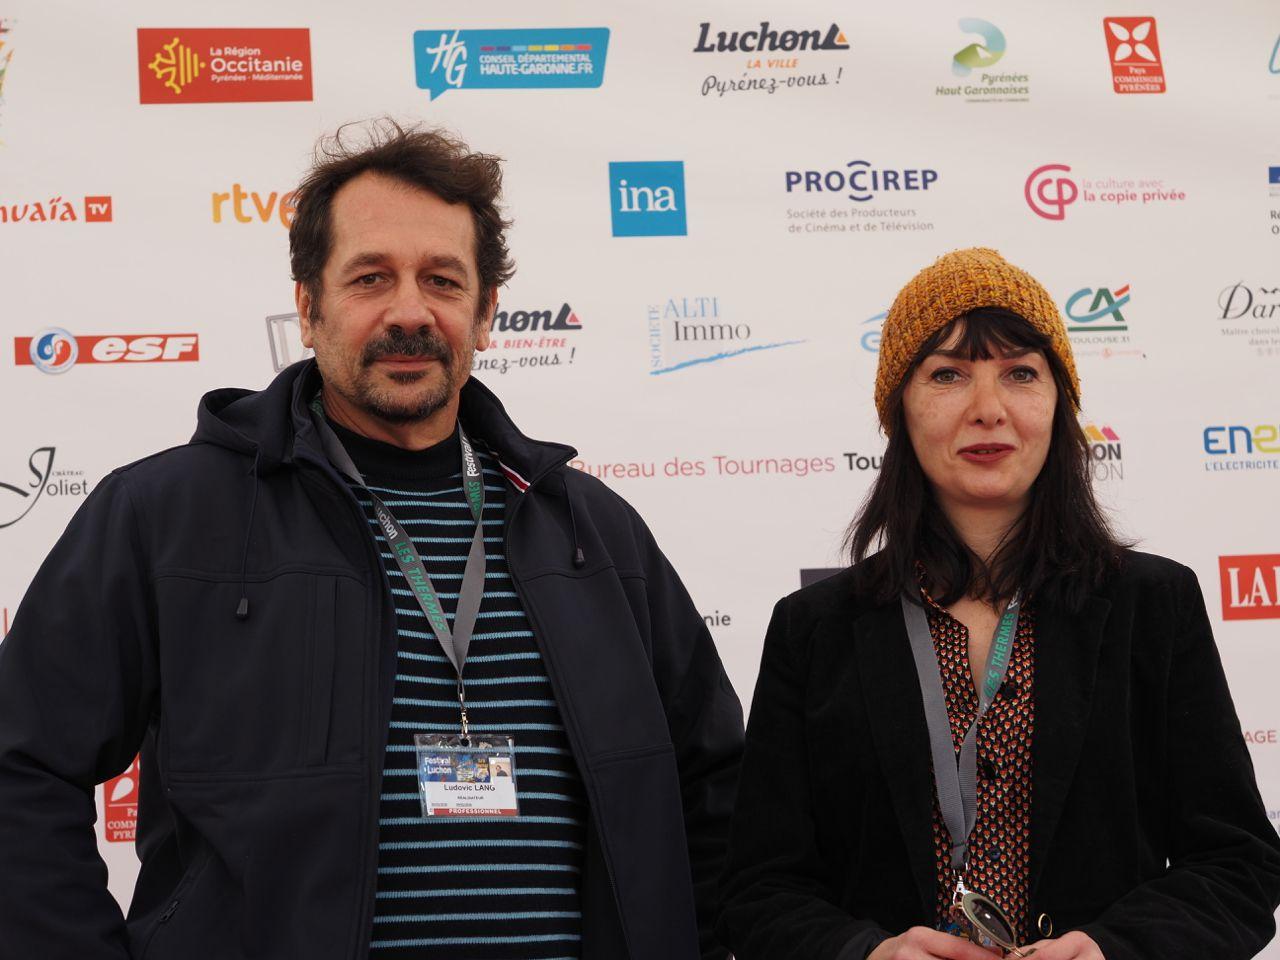 Festival TV de Luchon : un premier jour en photos